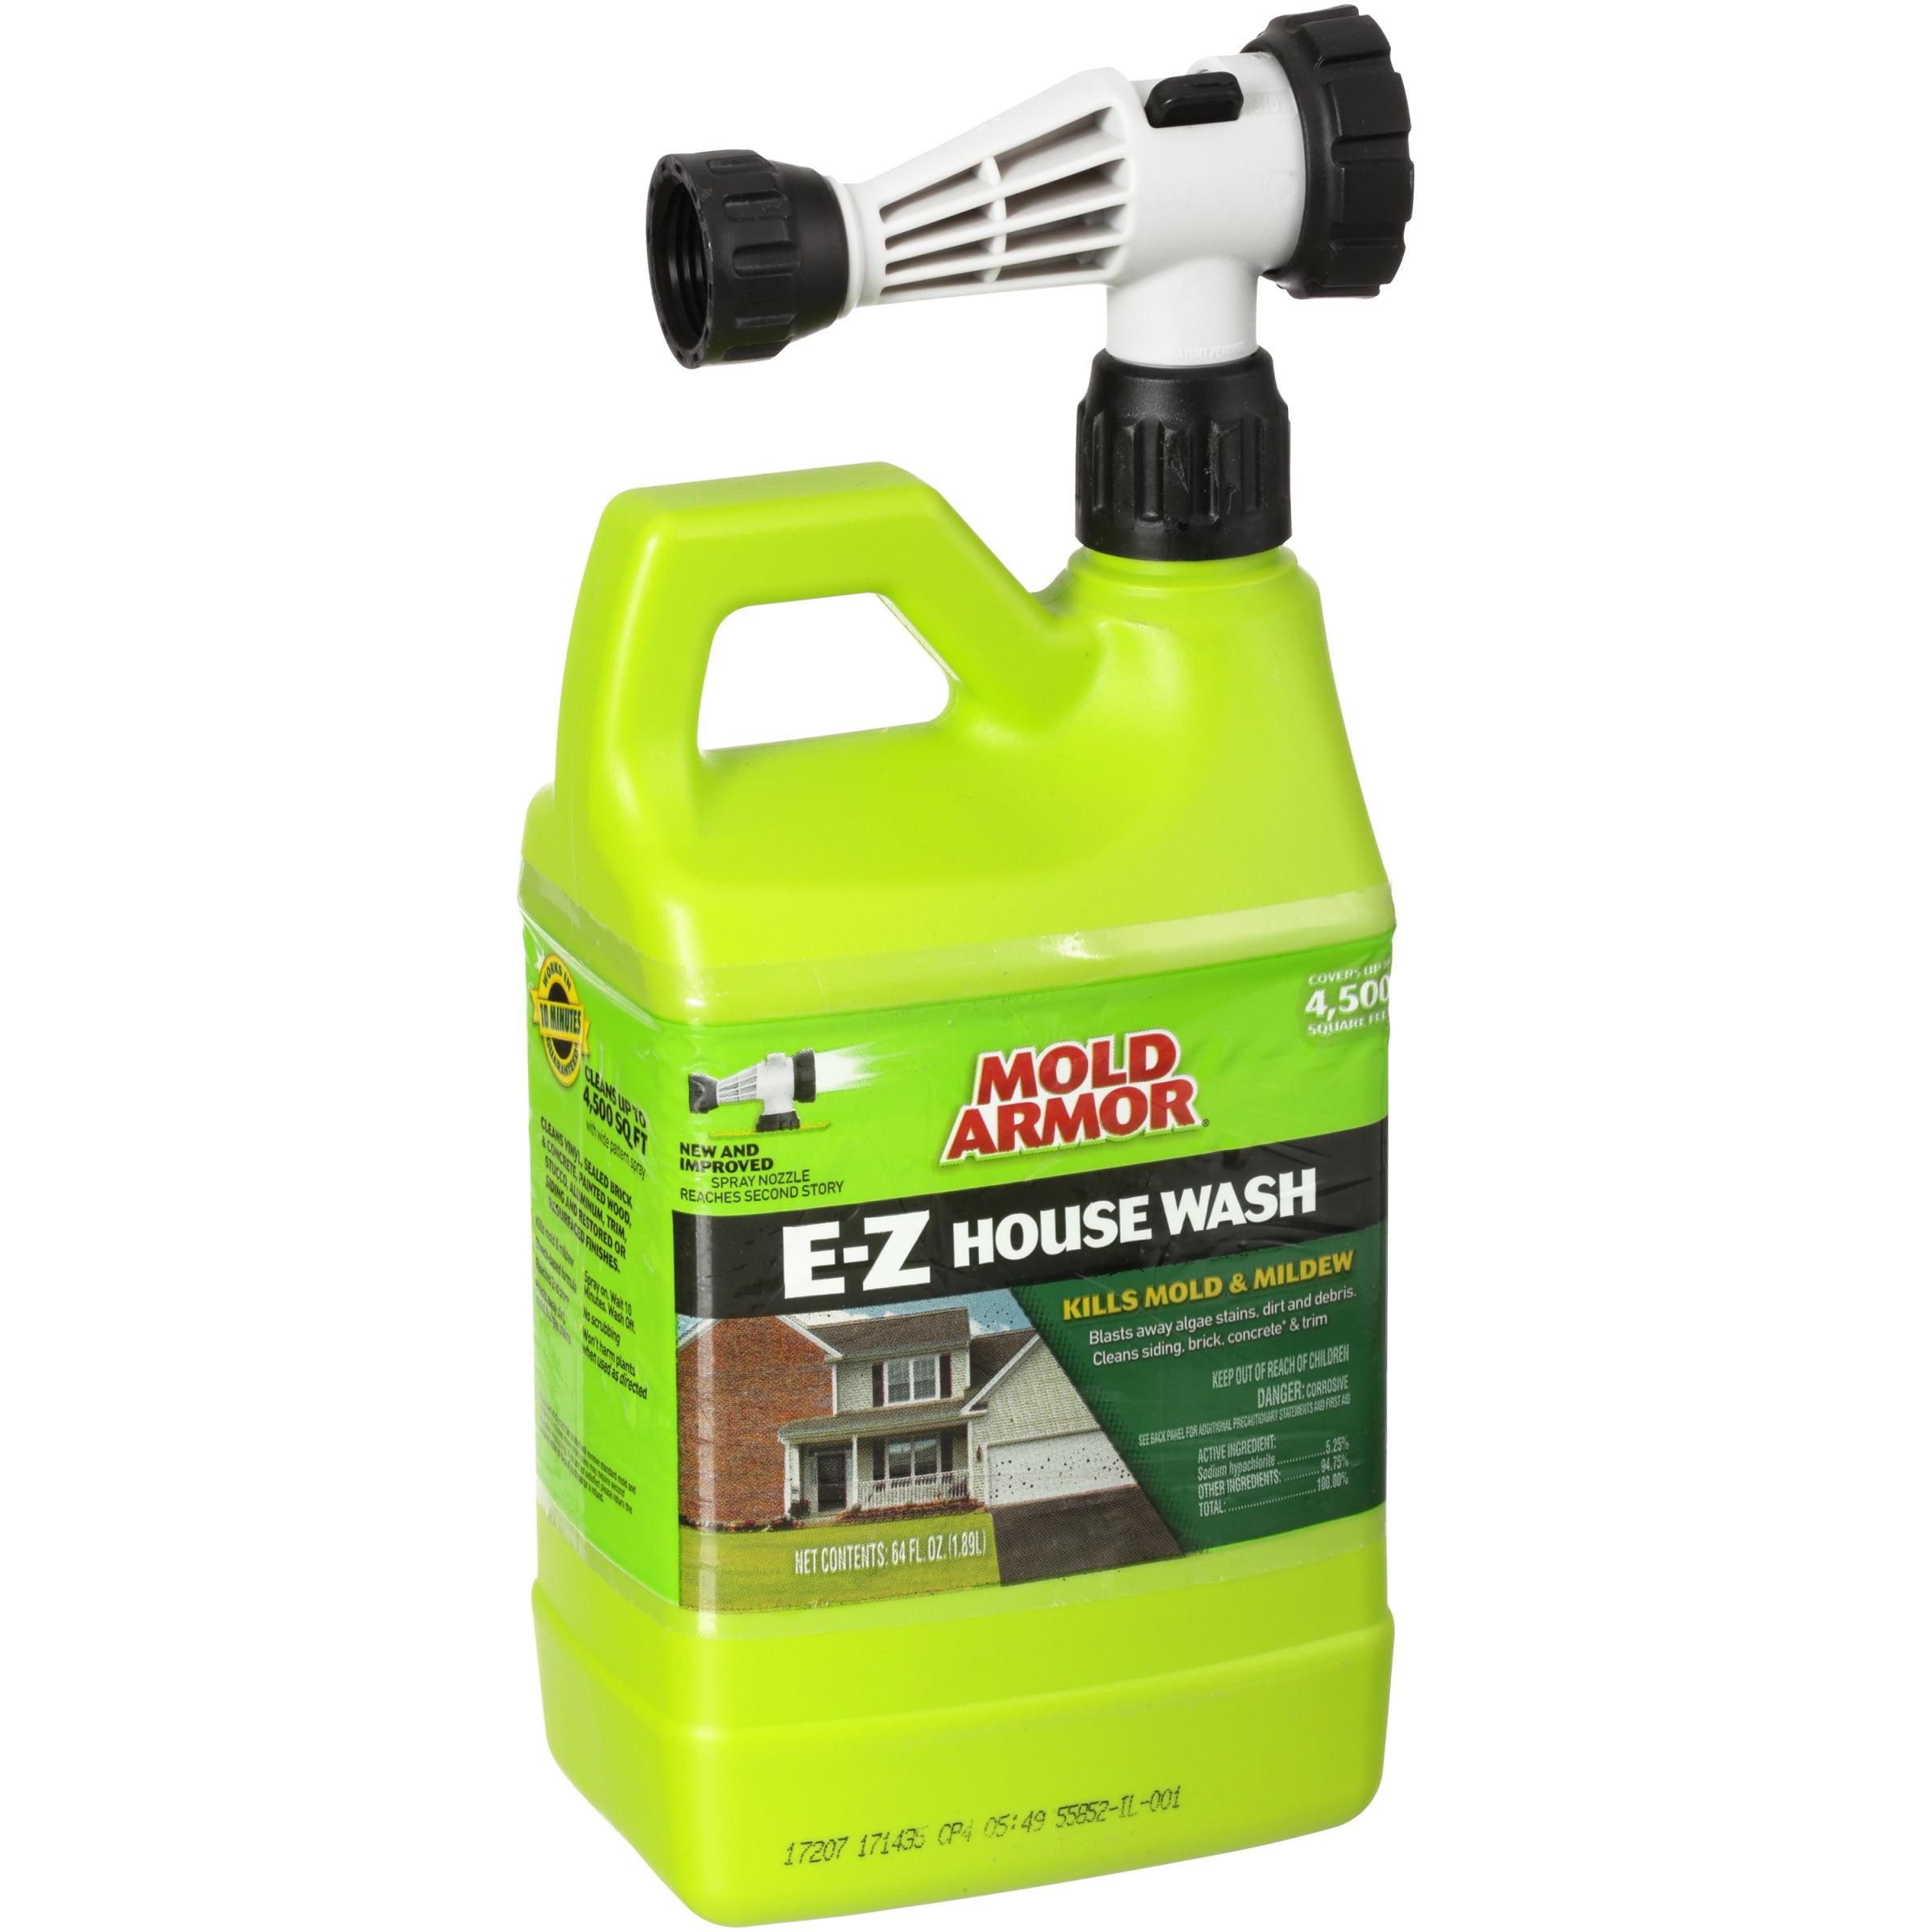 Mold armor e z house wash 64 fl oz jug walmart com